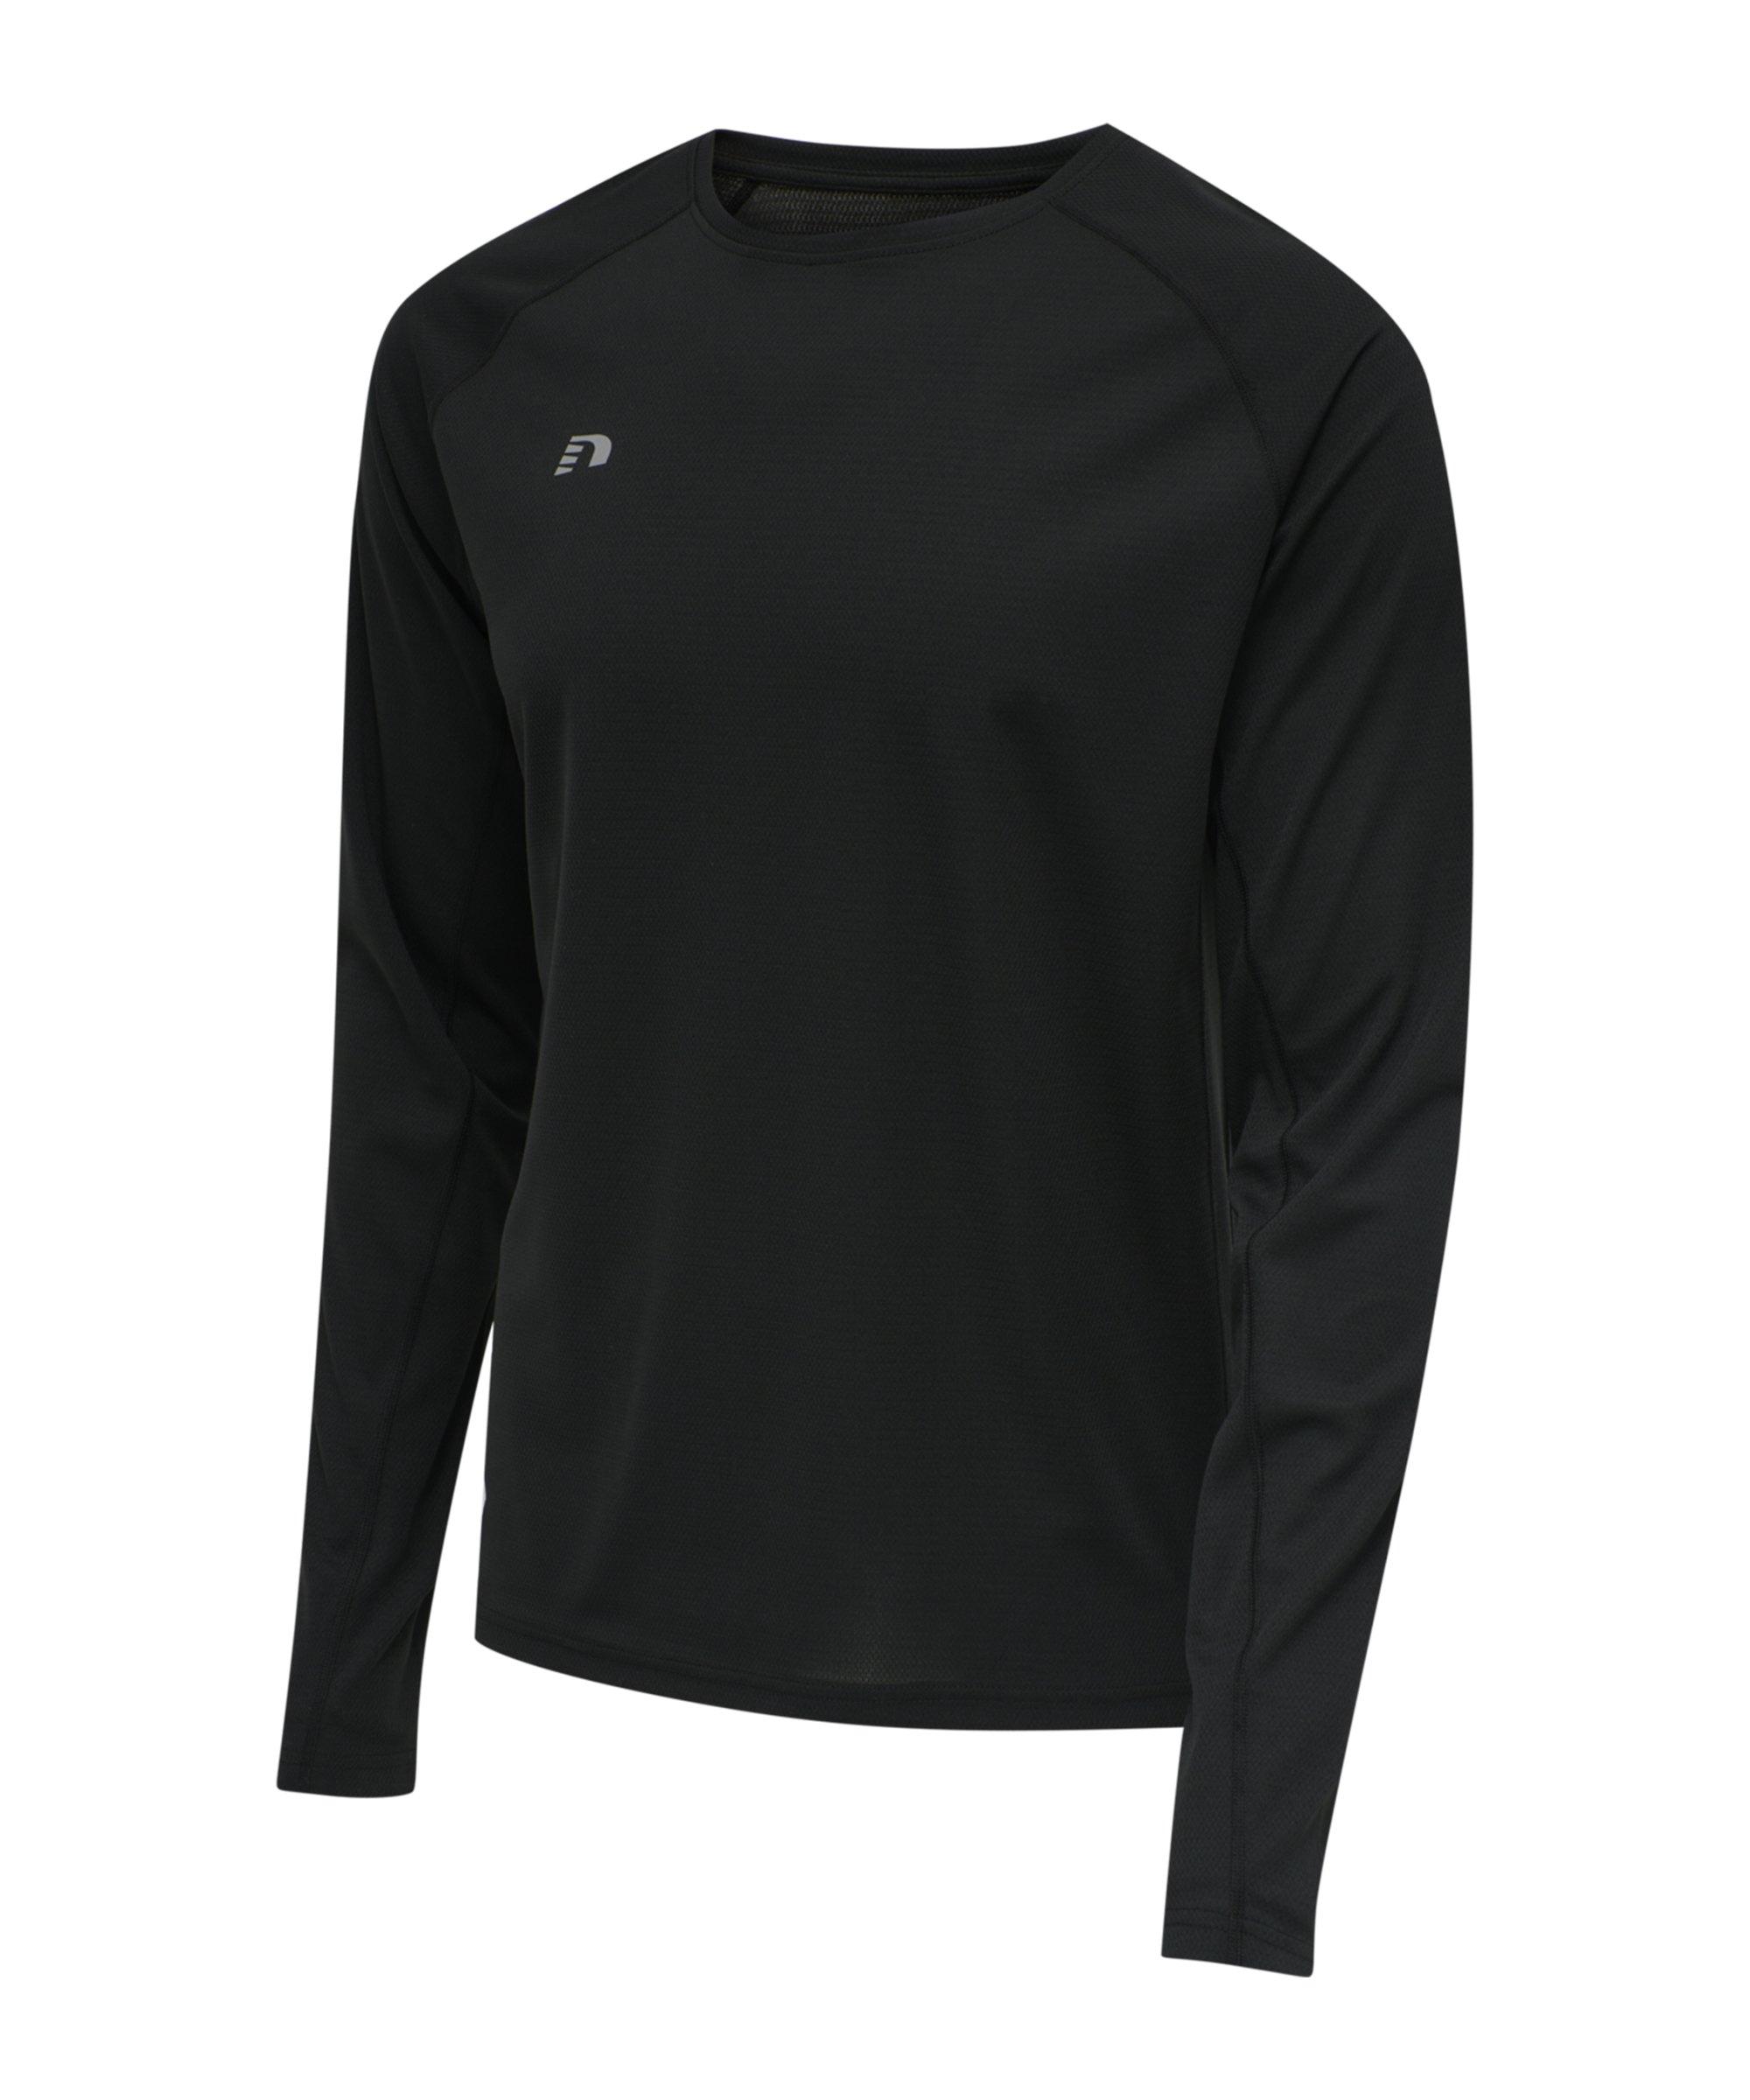 Newline Core Sweatshirt Running Schwarz F2001 - schwarz